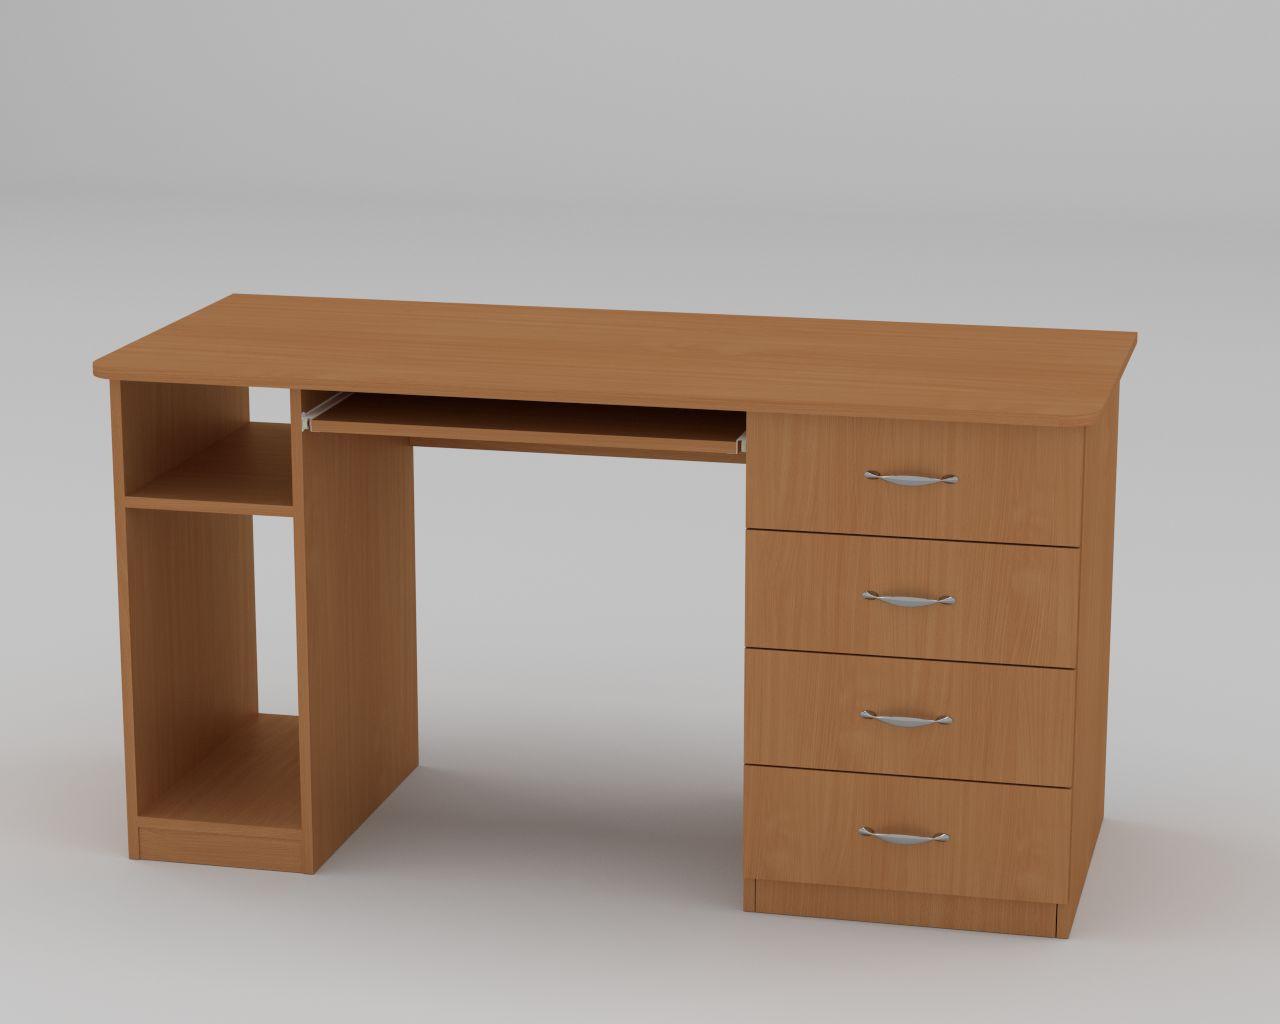 стол компьютерный скм 11 компанит цена 1 700 грн купить в